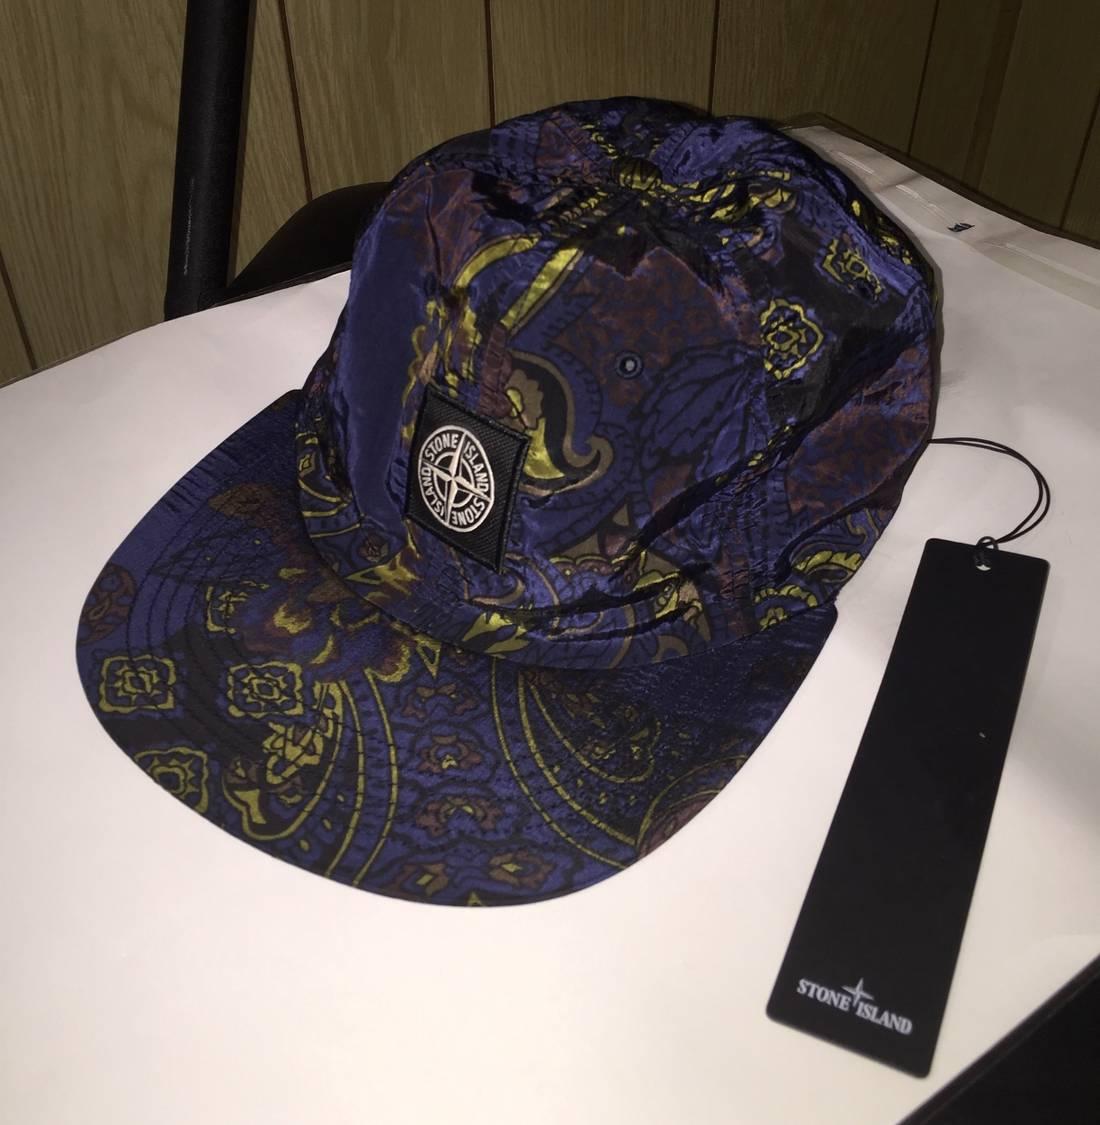 ddcb27cb8 low price supreme hats paisley 503b0 7dedb